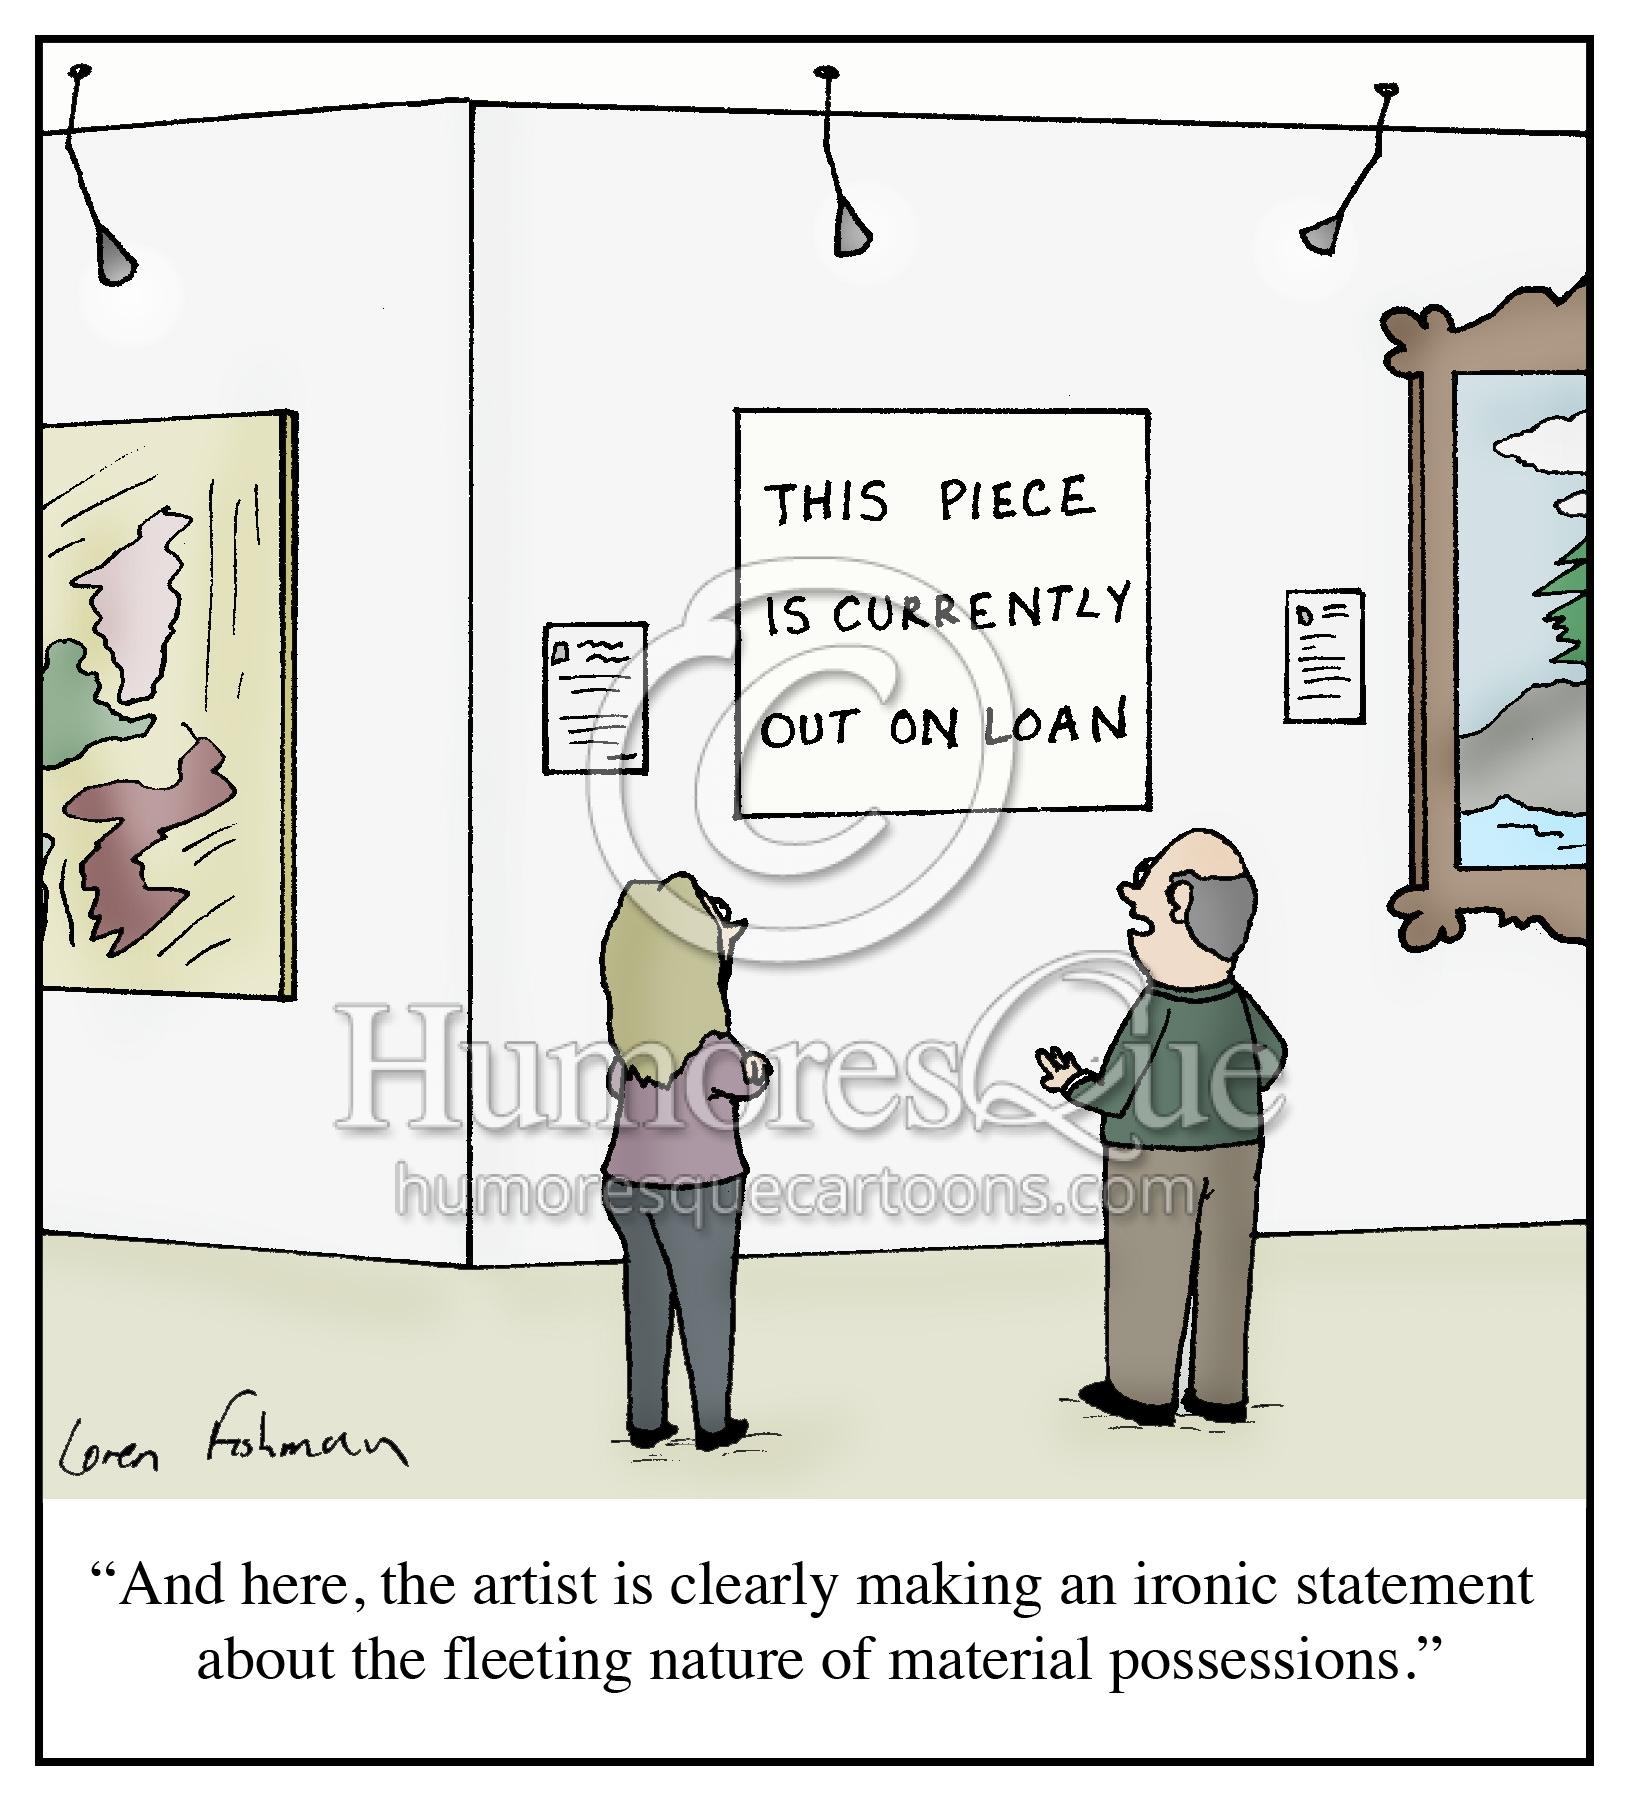 museum piece out on loan modern art critic cartoon